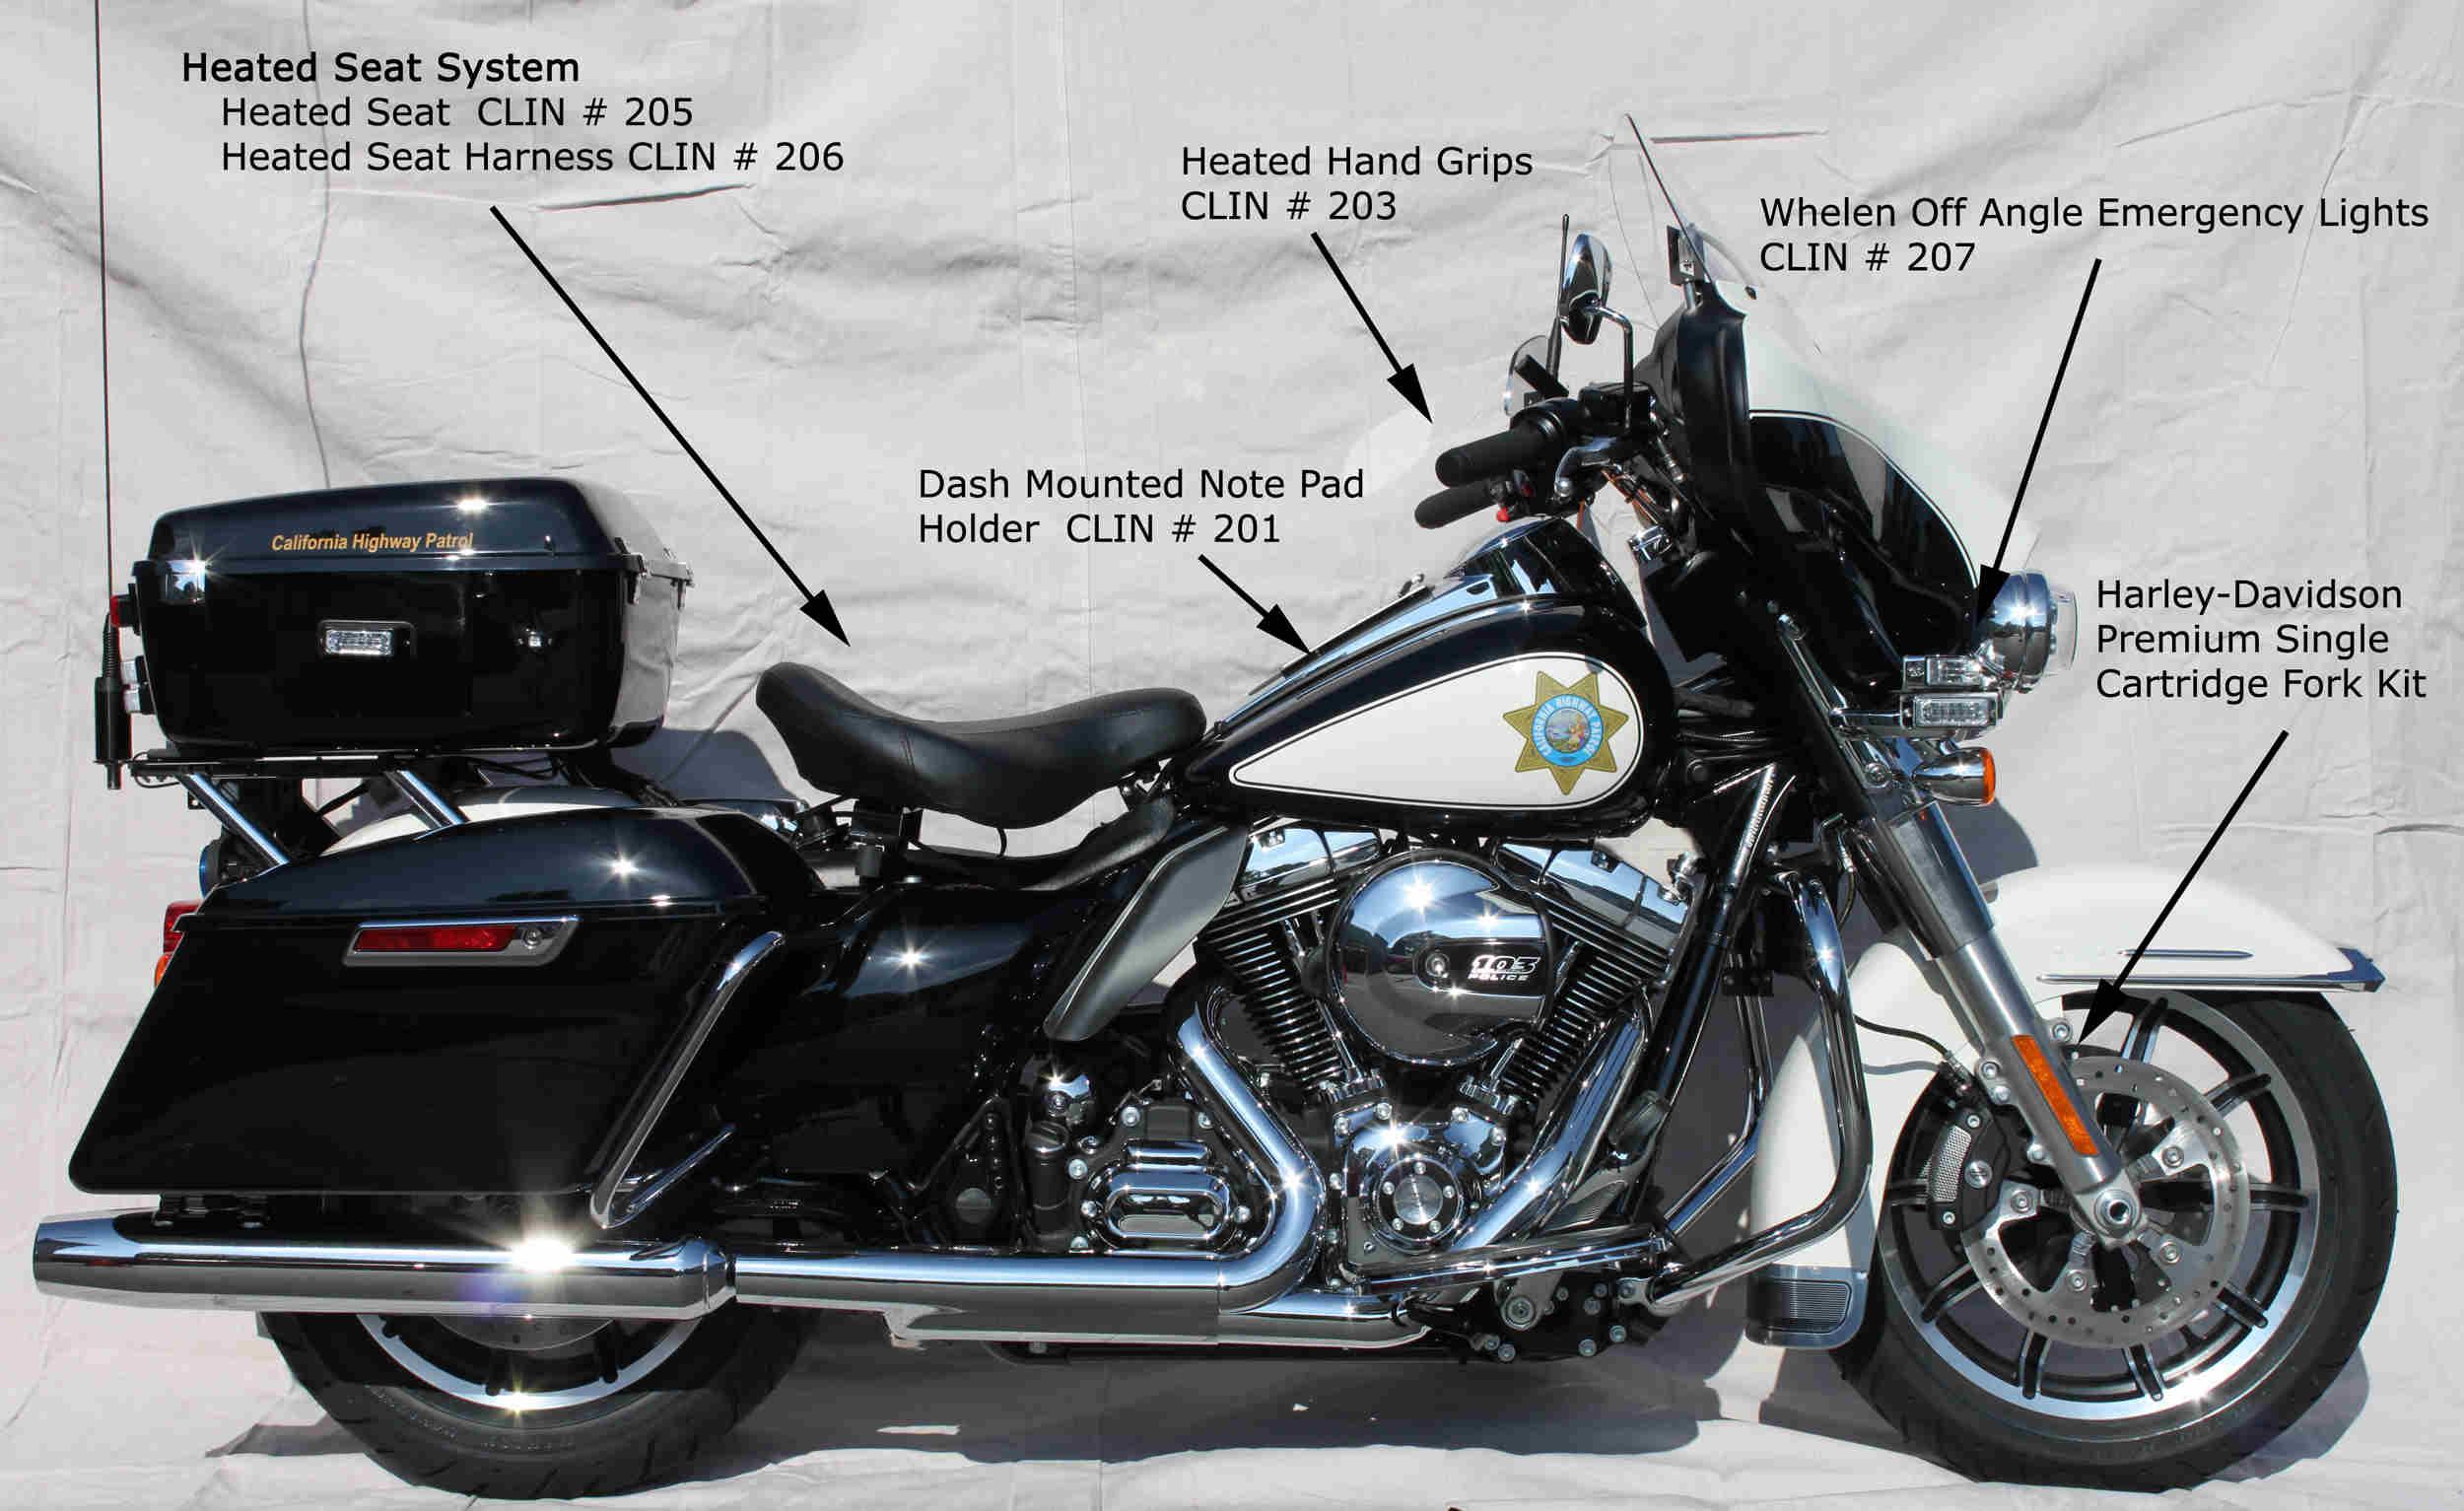 California Highway Patrol Harley 1/6 Img_5247